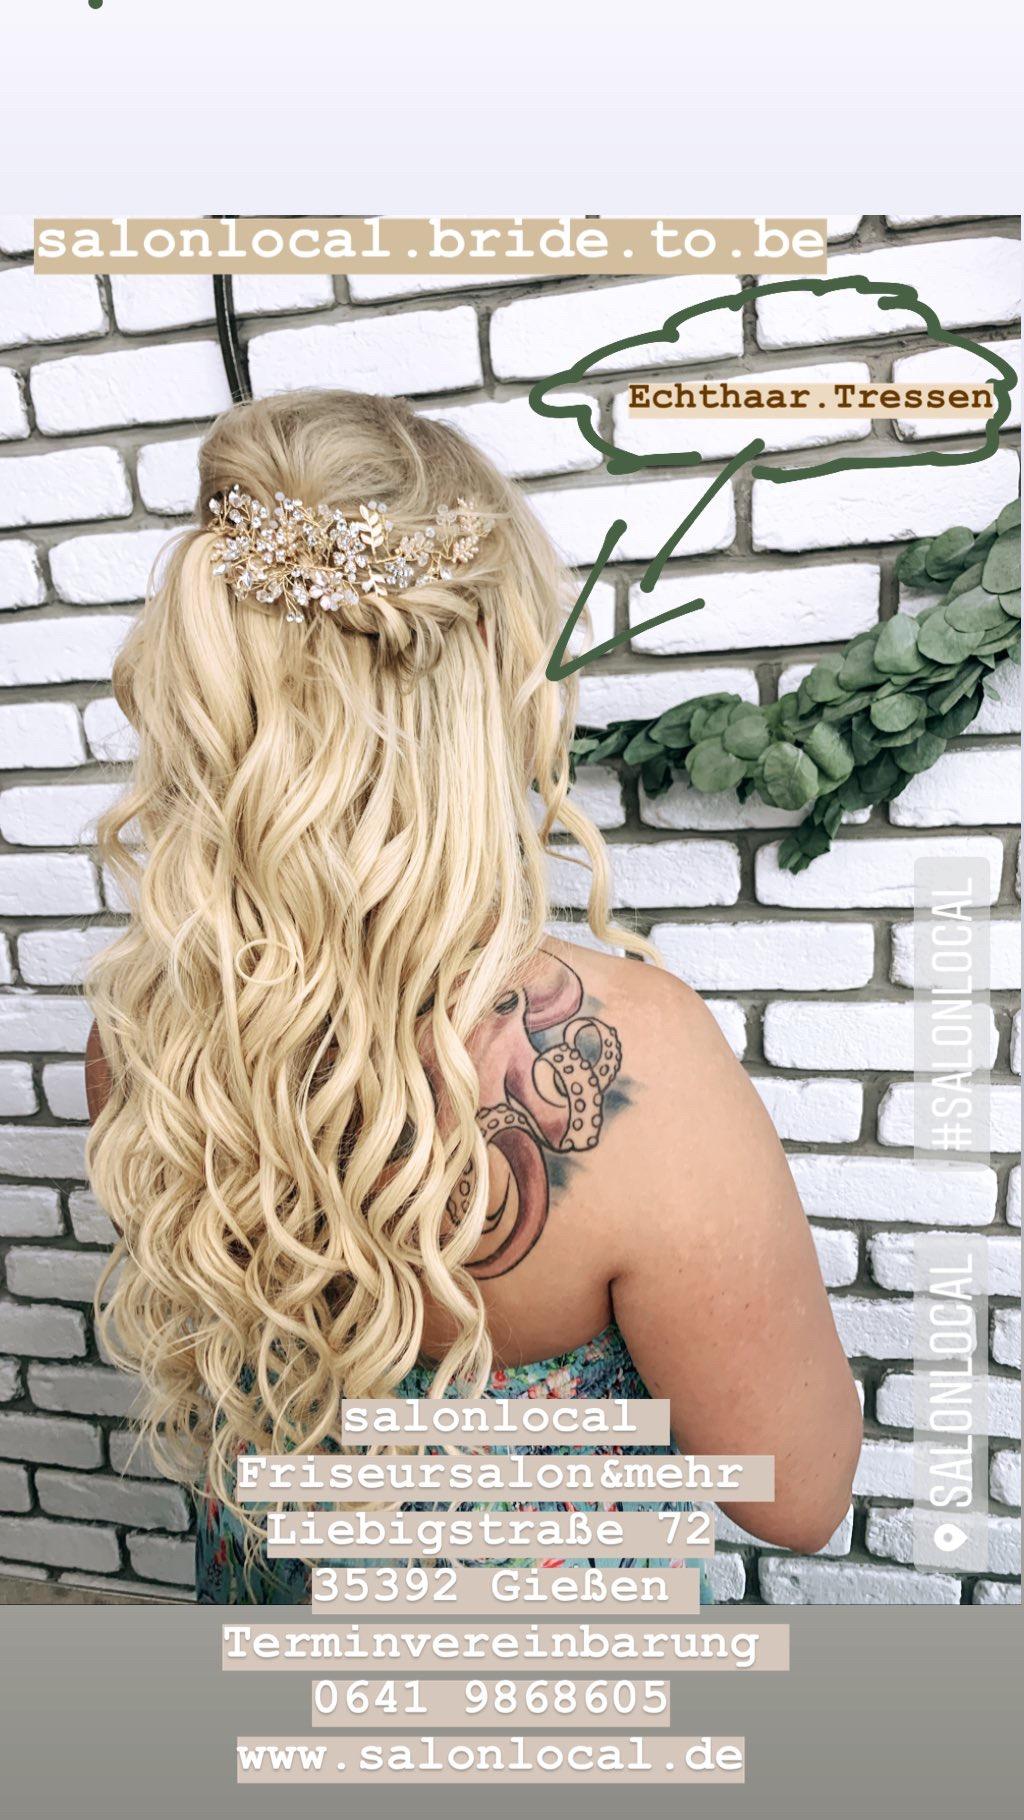 salonlocal bride to be mit Echthaartressen verlängert ist die Alternative Damen mit kurzen Haare an ihrem besonderen Tag eine volle und wunderschöne Haarbracht zu verleihe, da an einem soll besonderen Tag alles möglich ist